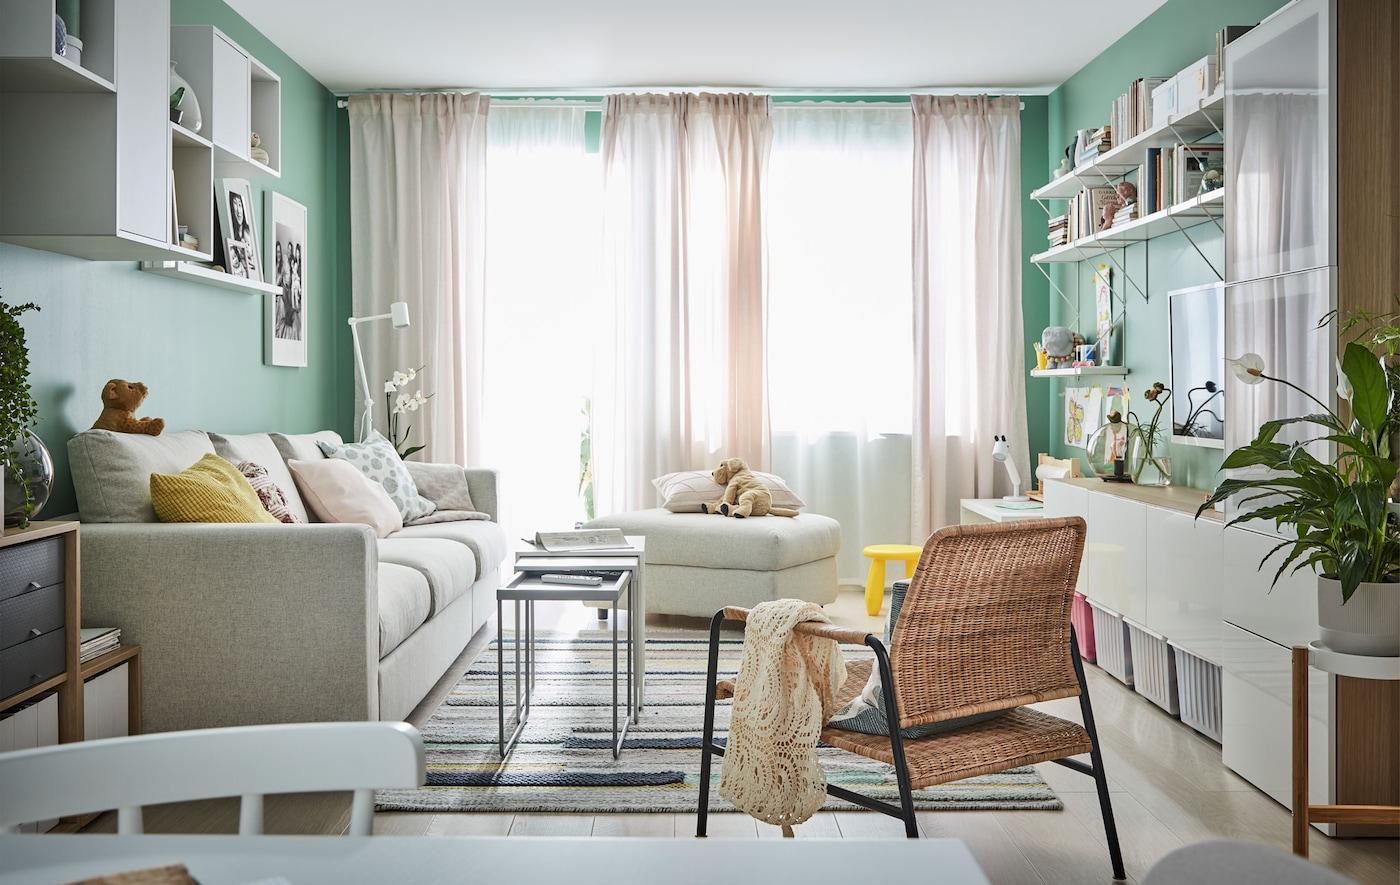 Salon éclairé par de grandes fenêtres devant lesquelles sont tirés des rideaux légers. Canapé, sièges, rangements ouverts le long des murs.